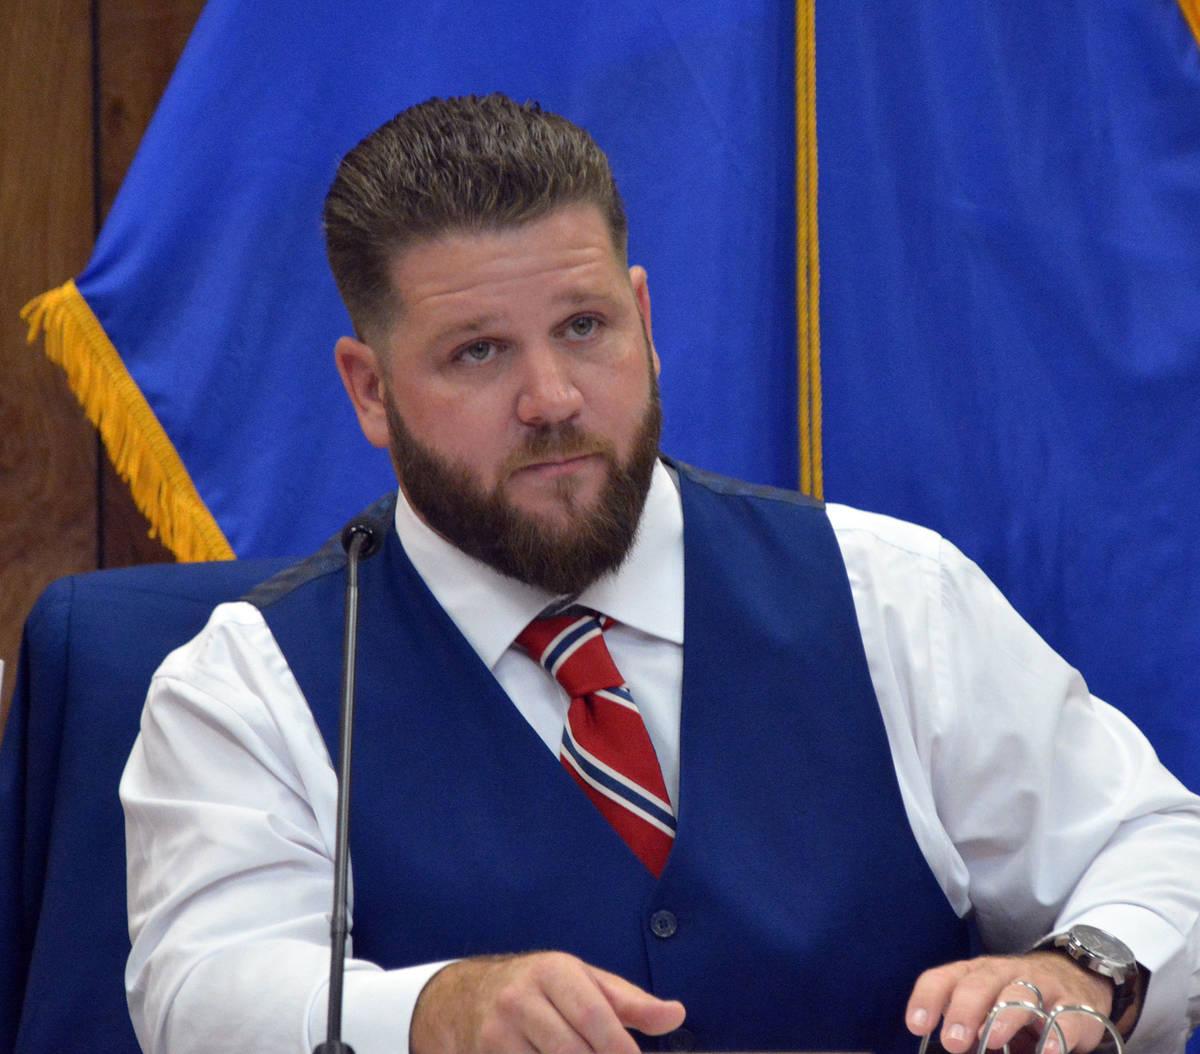 Councilman Matt Fox